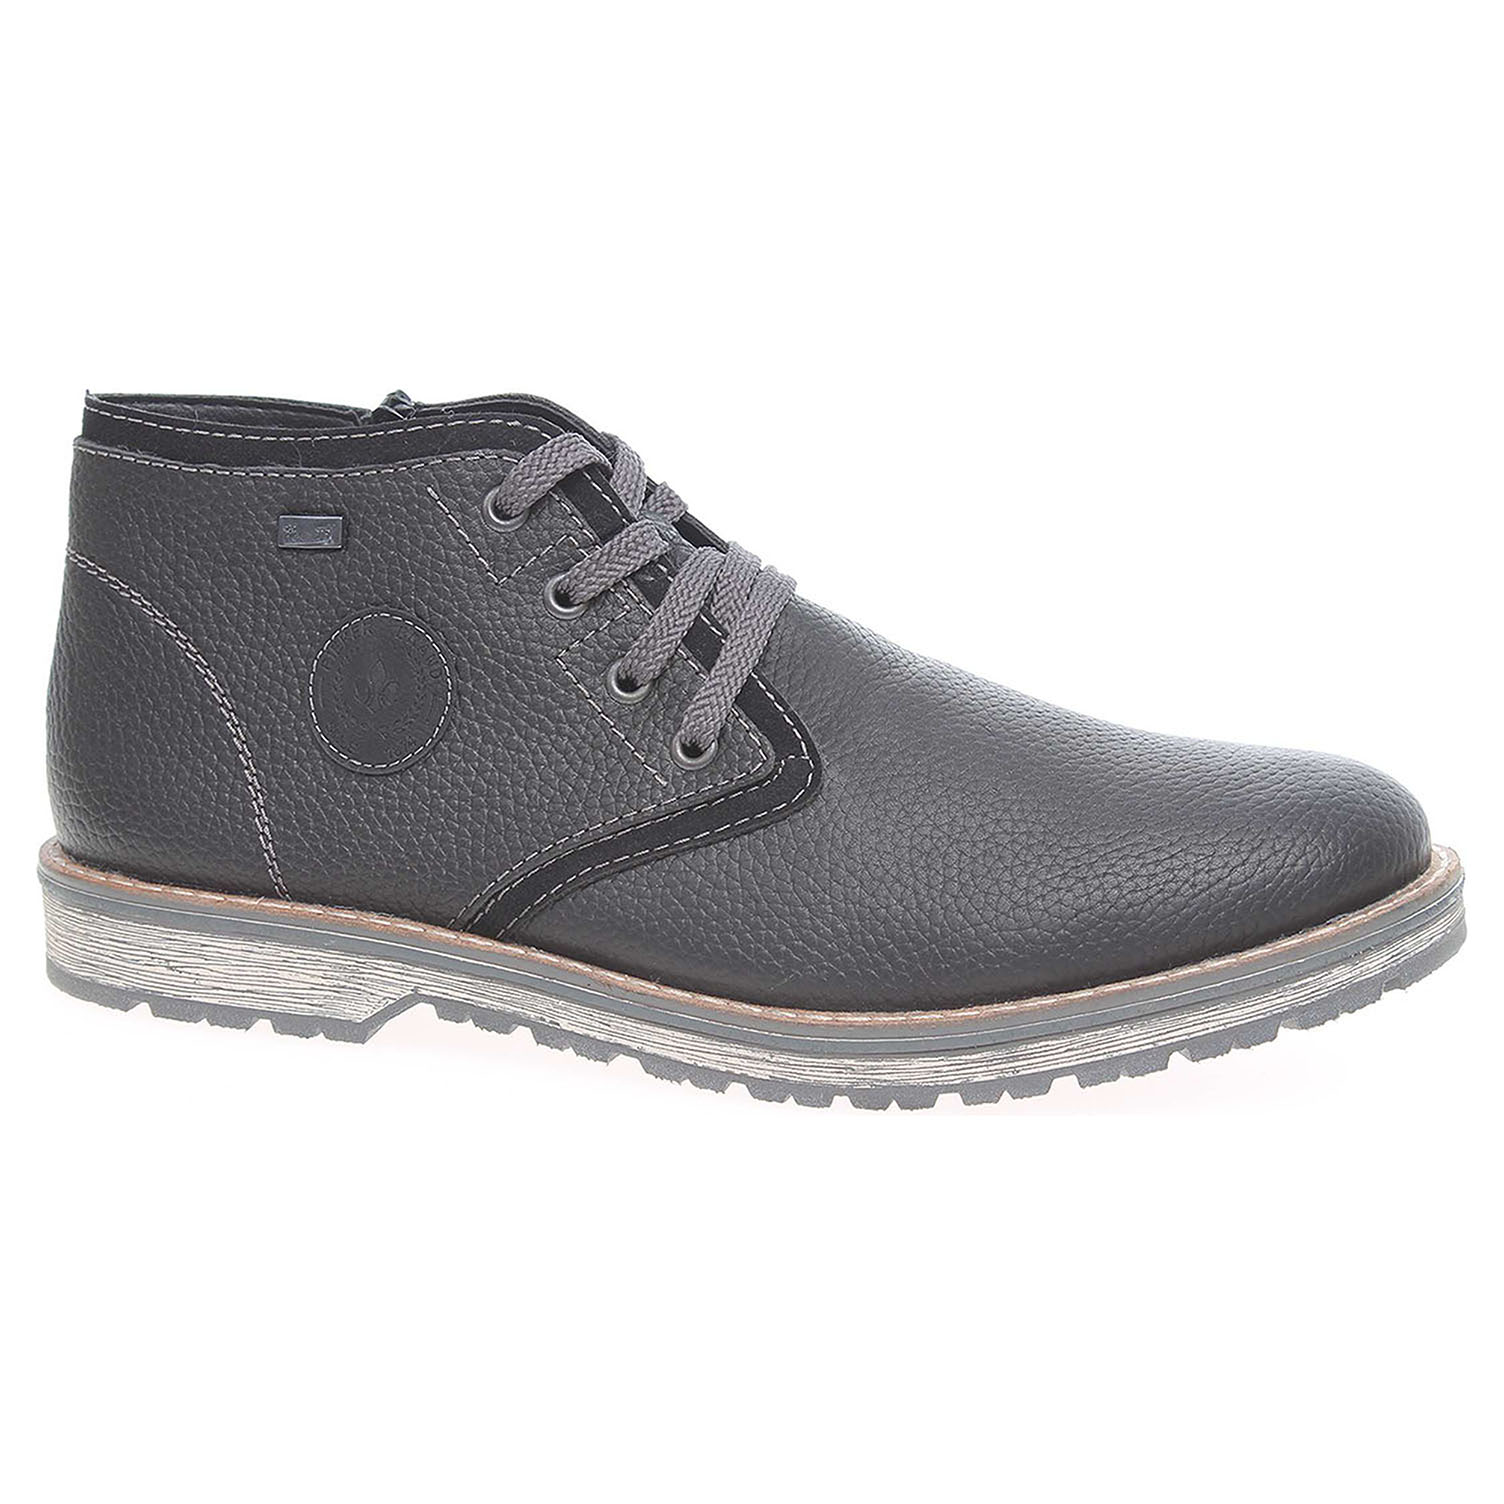 Pánská kotníková obuv Rieker 39210-00 černé 39210-00 42